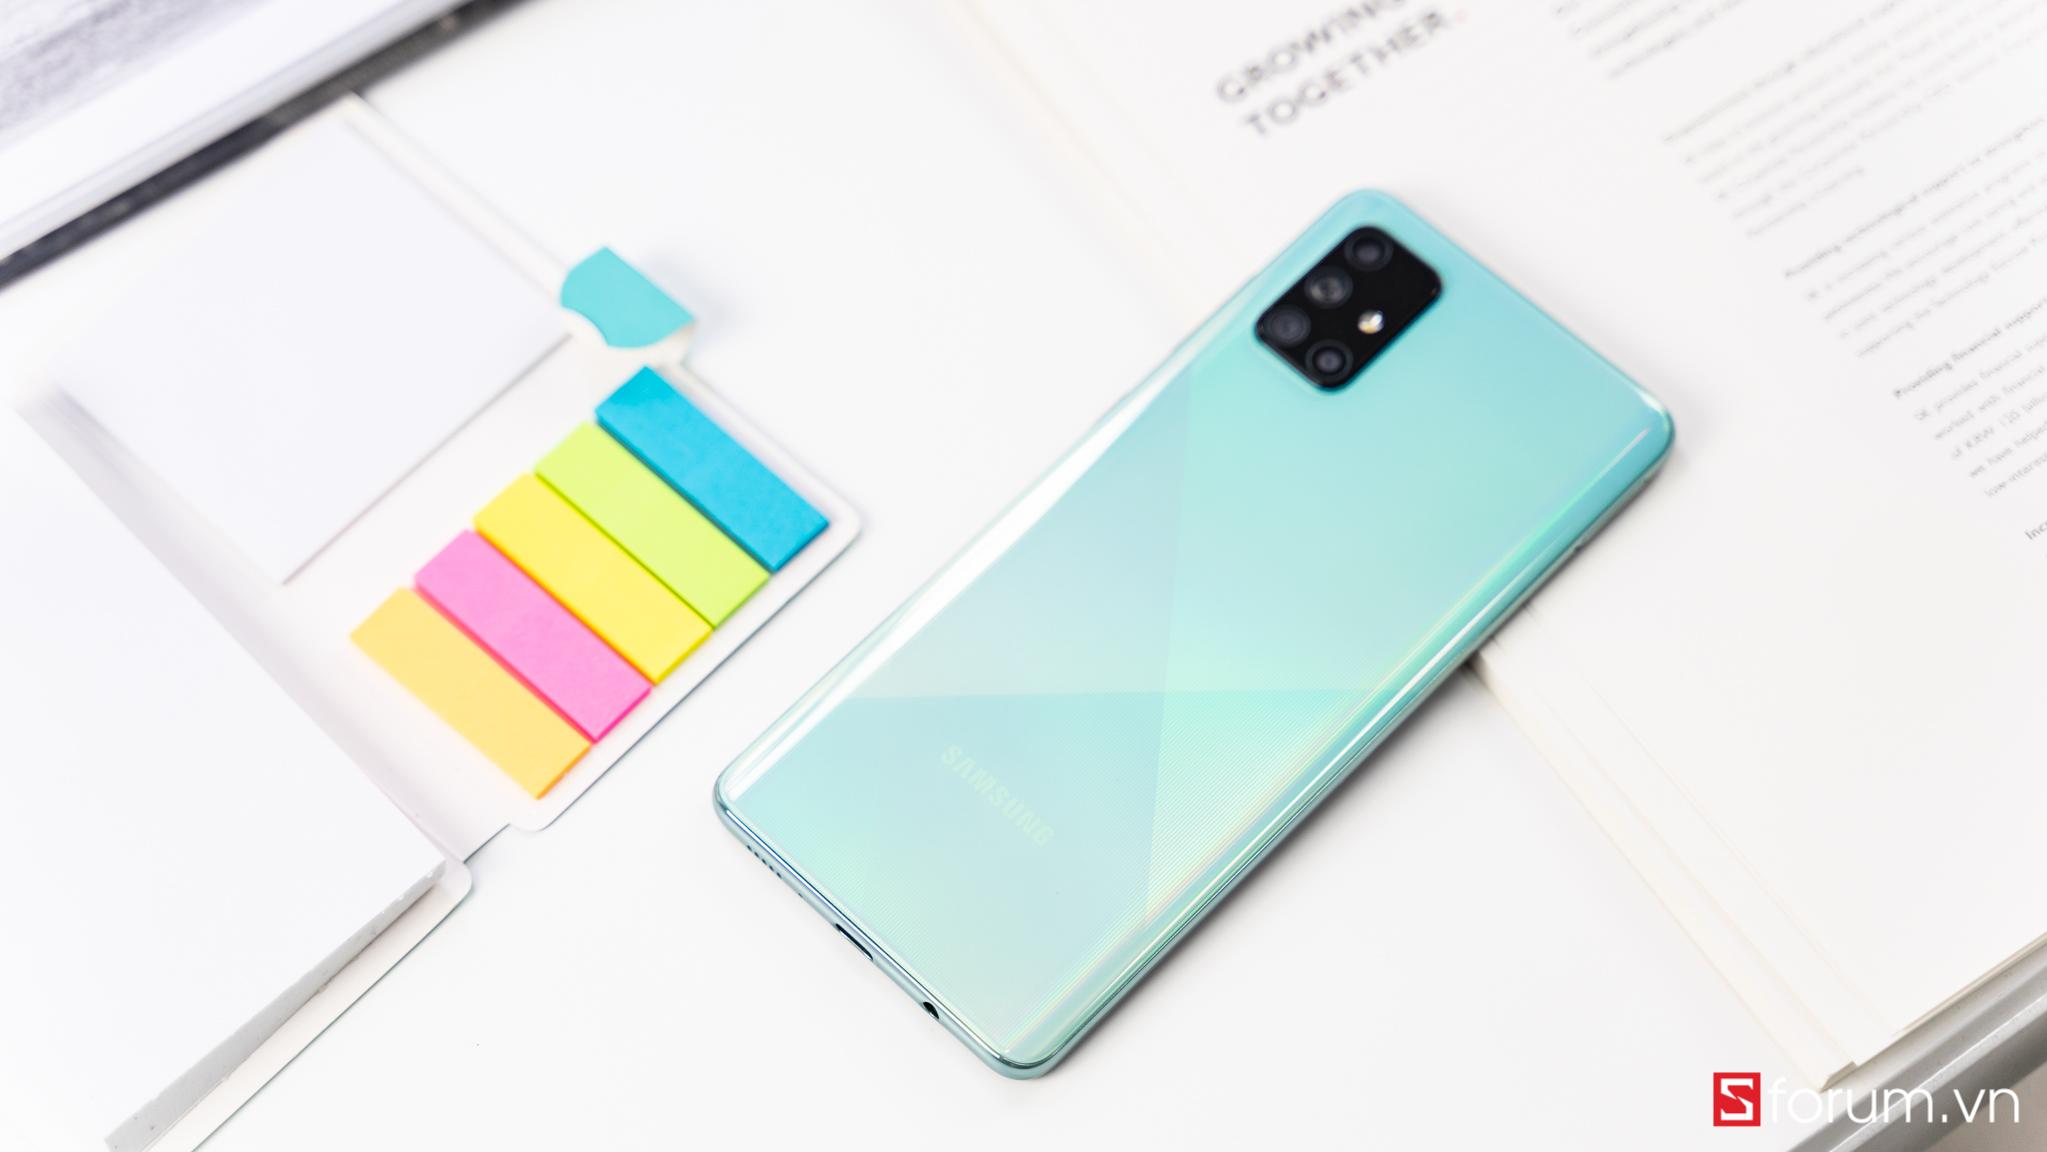 Sforum - Trang thông tin công nghệ mới nhất Galaxy-A71-hands-on-28 Đánh giá Galaxy A71 sau 3 tháng: Vẫn là lựa chọn tốt cho mọi nhu cầu sử dụng